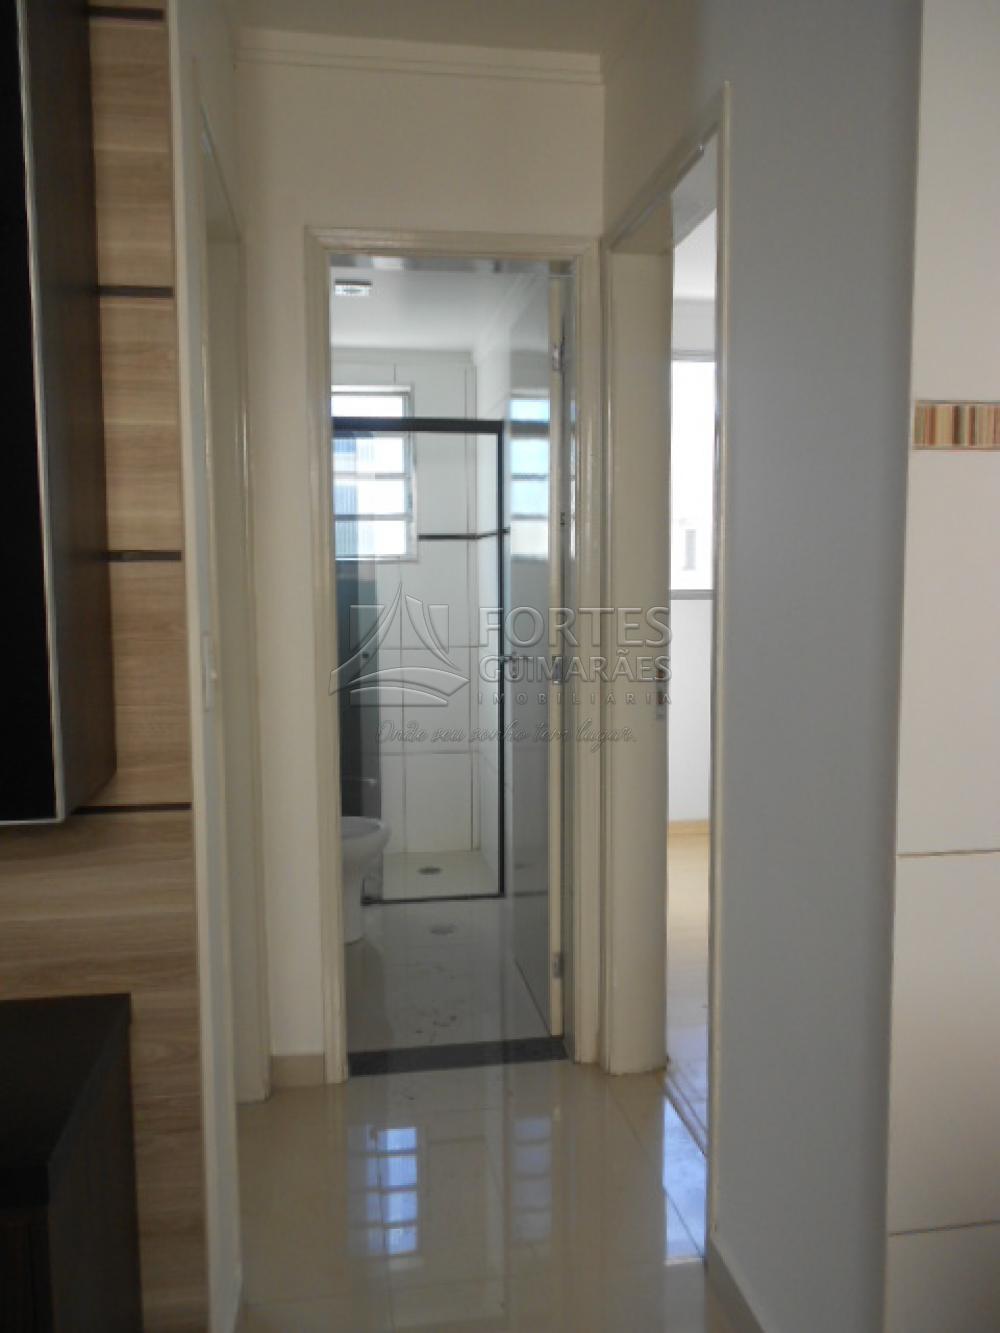 Alugar Apartamentos / Cobertura em Ribeirão Preto apenas R$ 1.000,00 - Foto 5